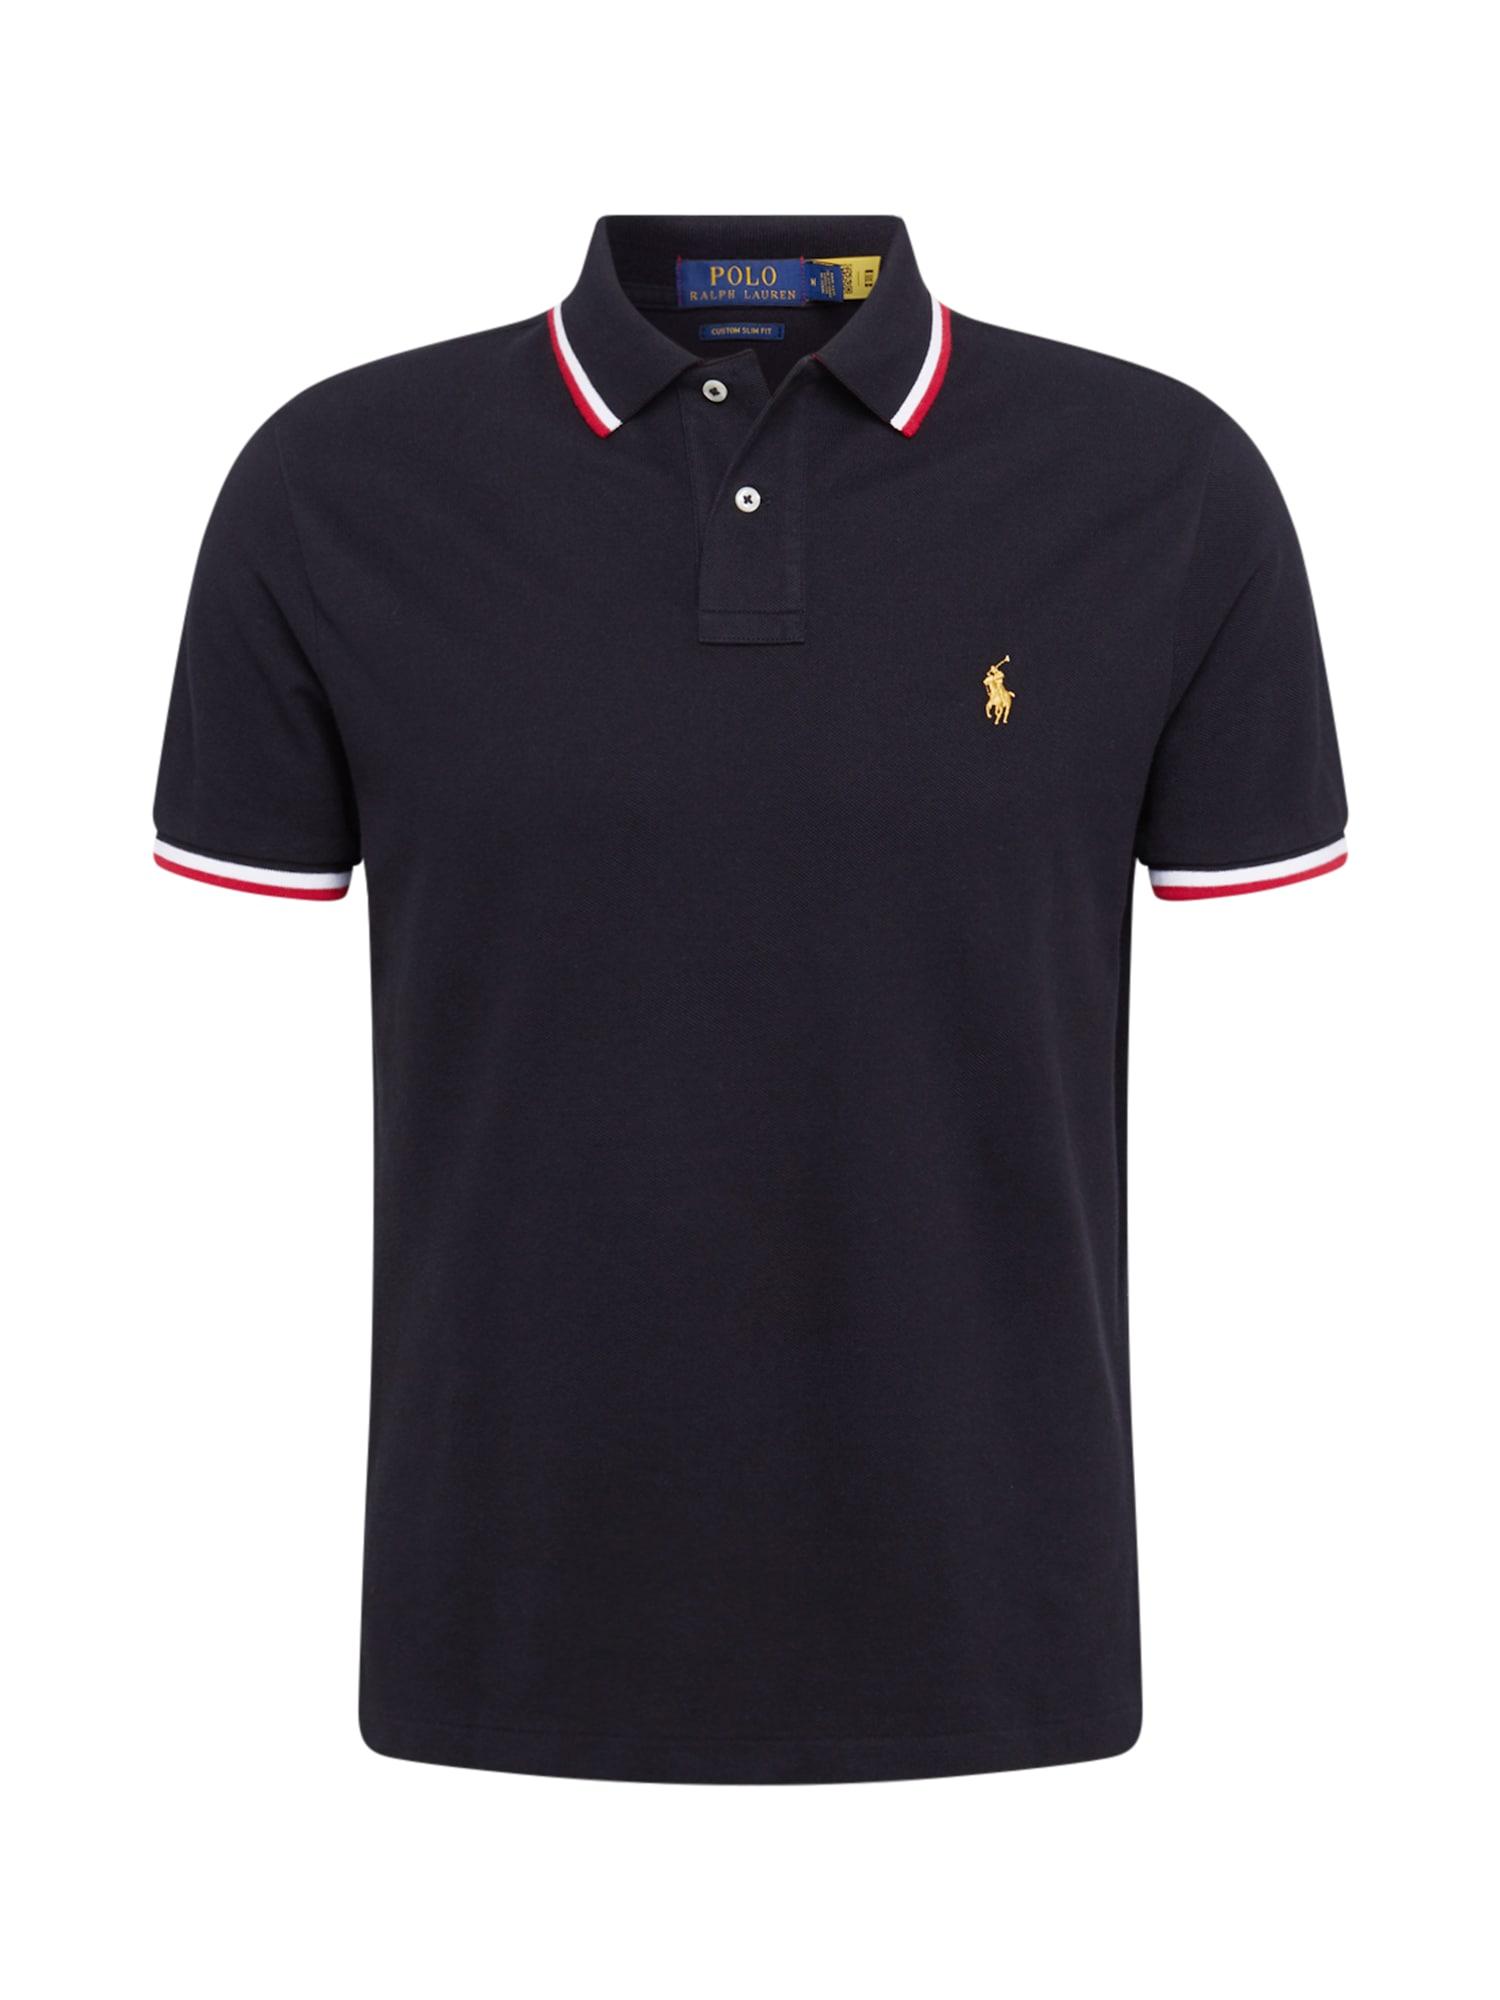 POLO RALPH LAUREN Marškinėliai juoda / balta / raudona